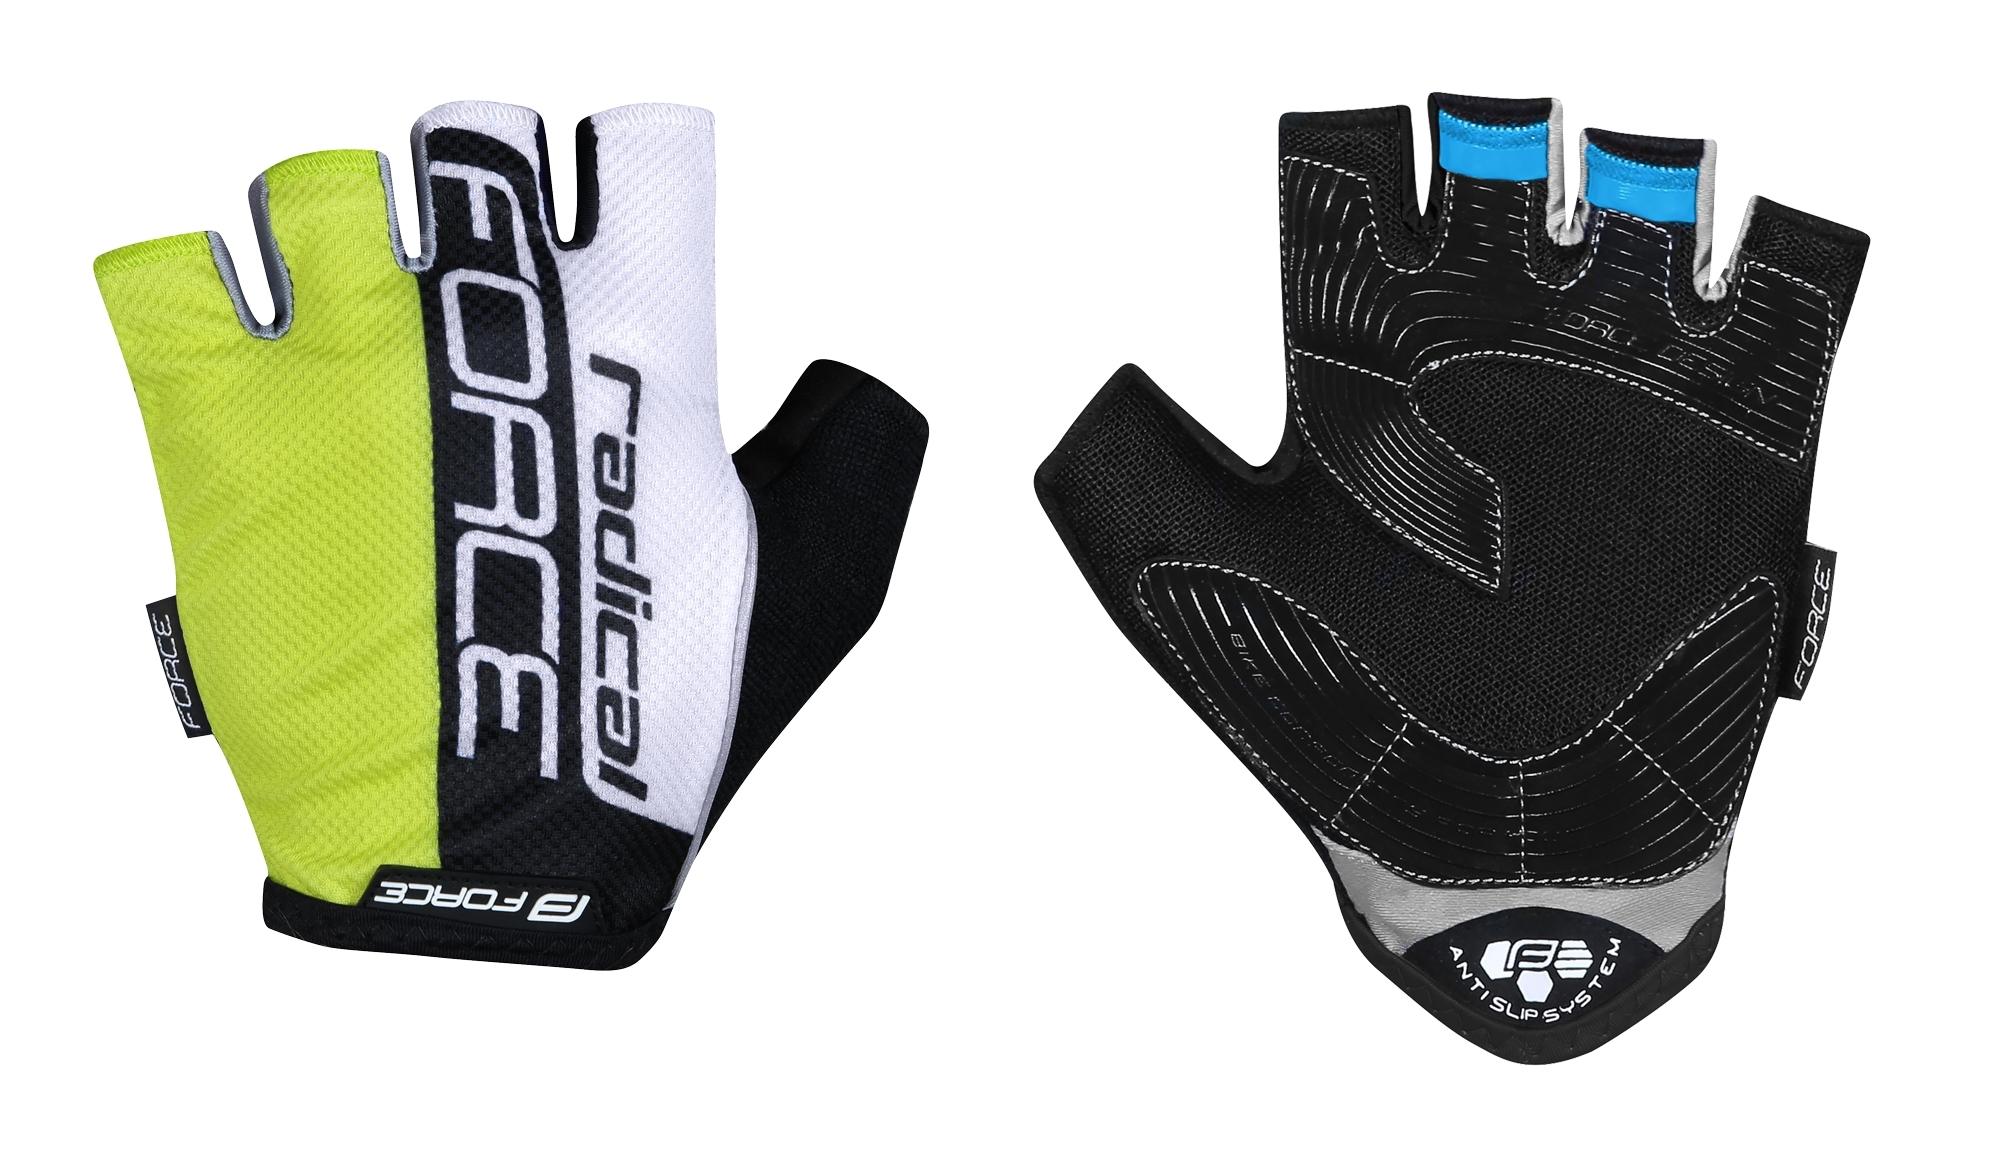 rukavice FORCE RADICAL, fluo-bílo-černé XL